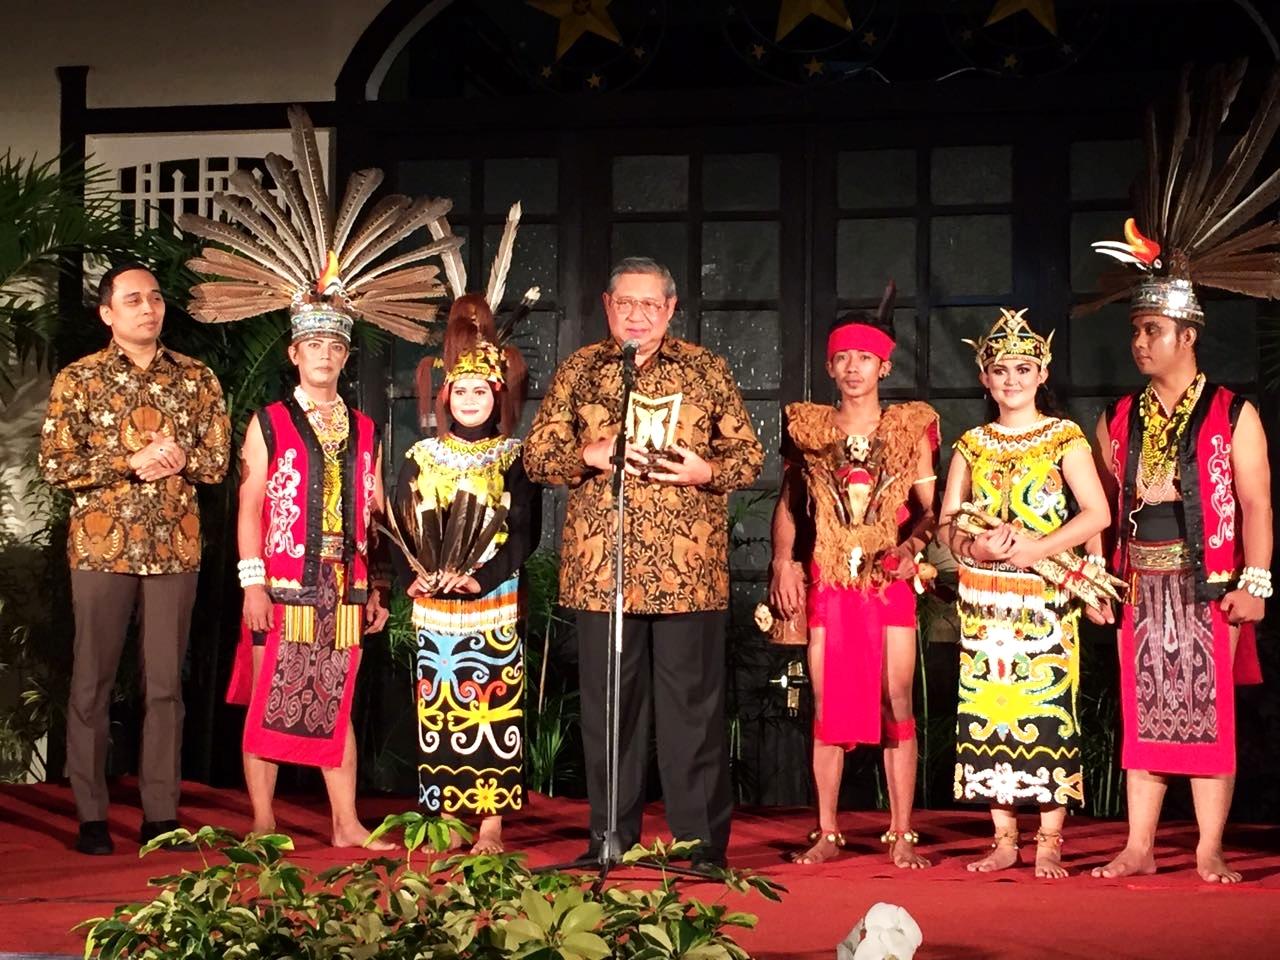 Bapak SBY juga menerima penghargaan dan dinobatkan menjadi Bapak Museum Indonesia.